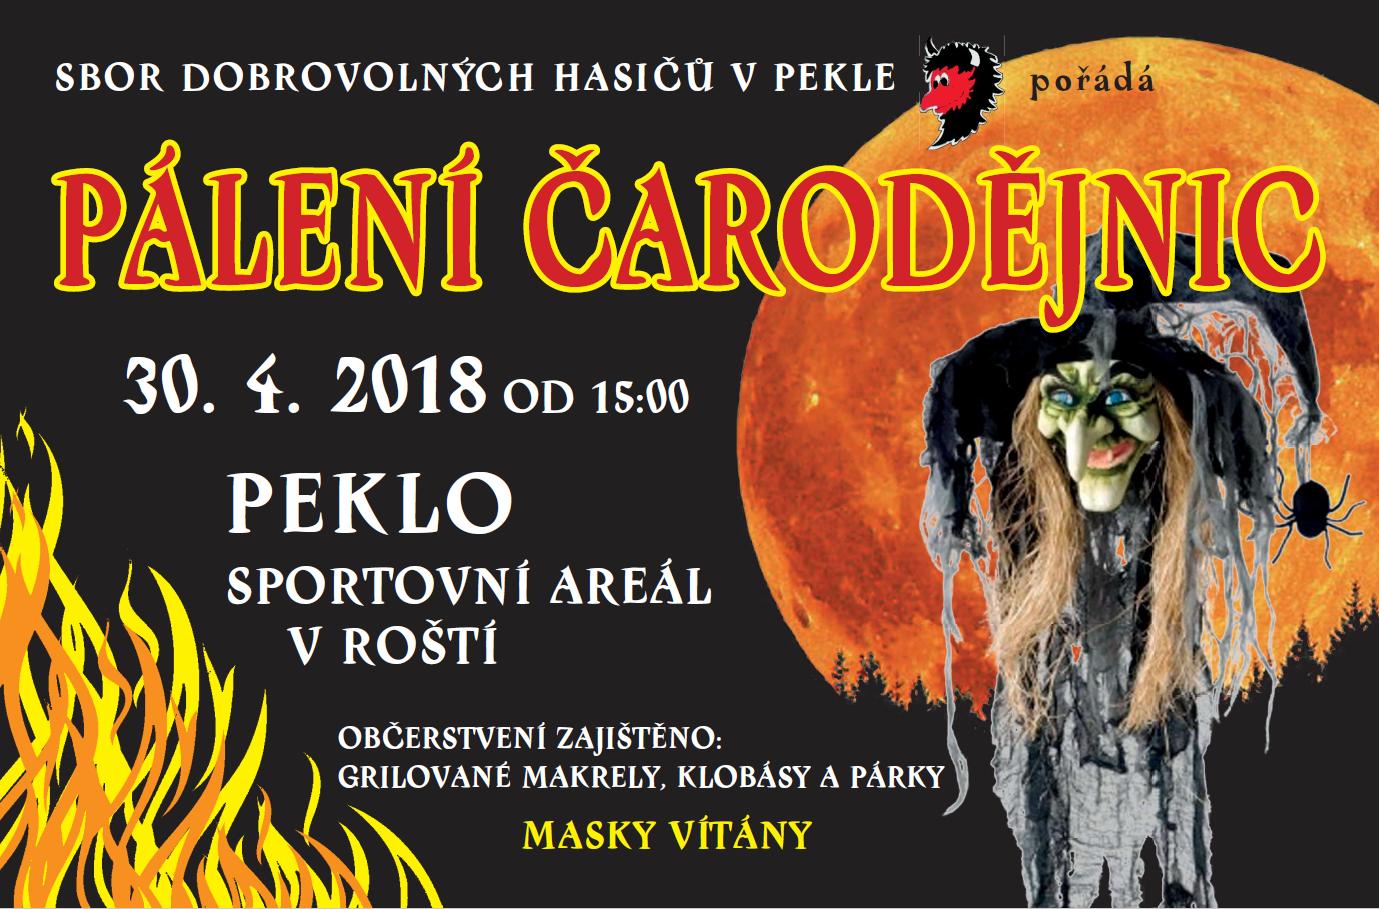 30.04.2018 - Čarodějnice - SDH Peklo